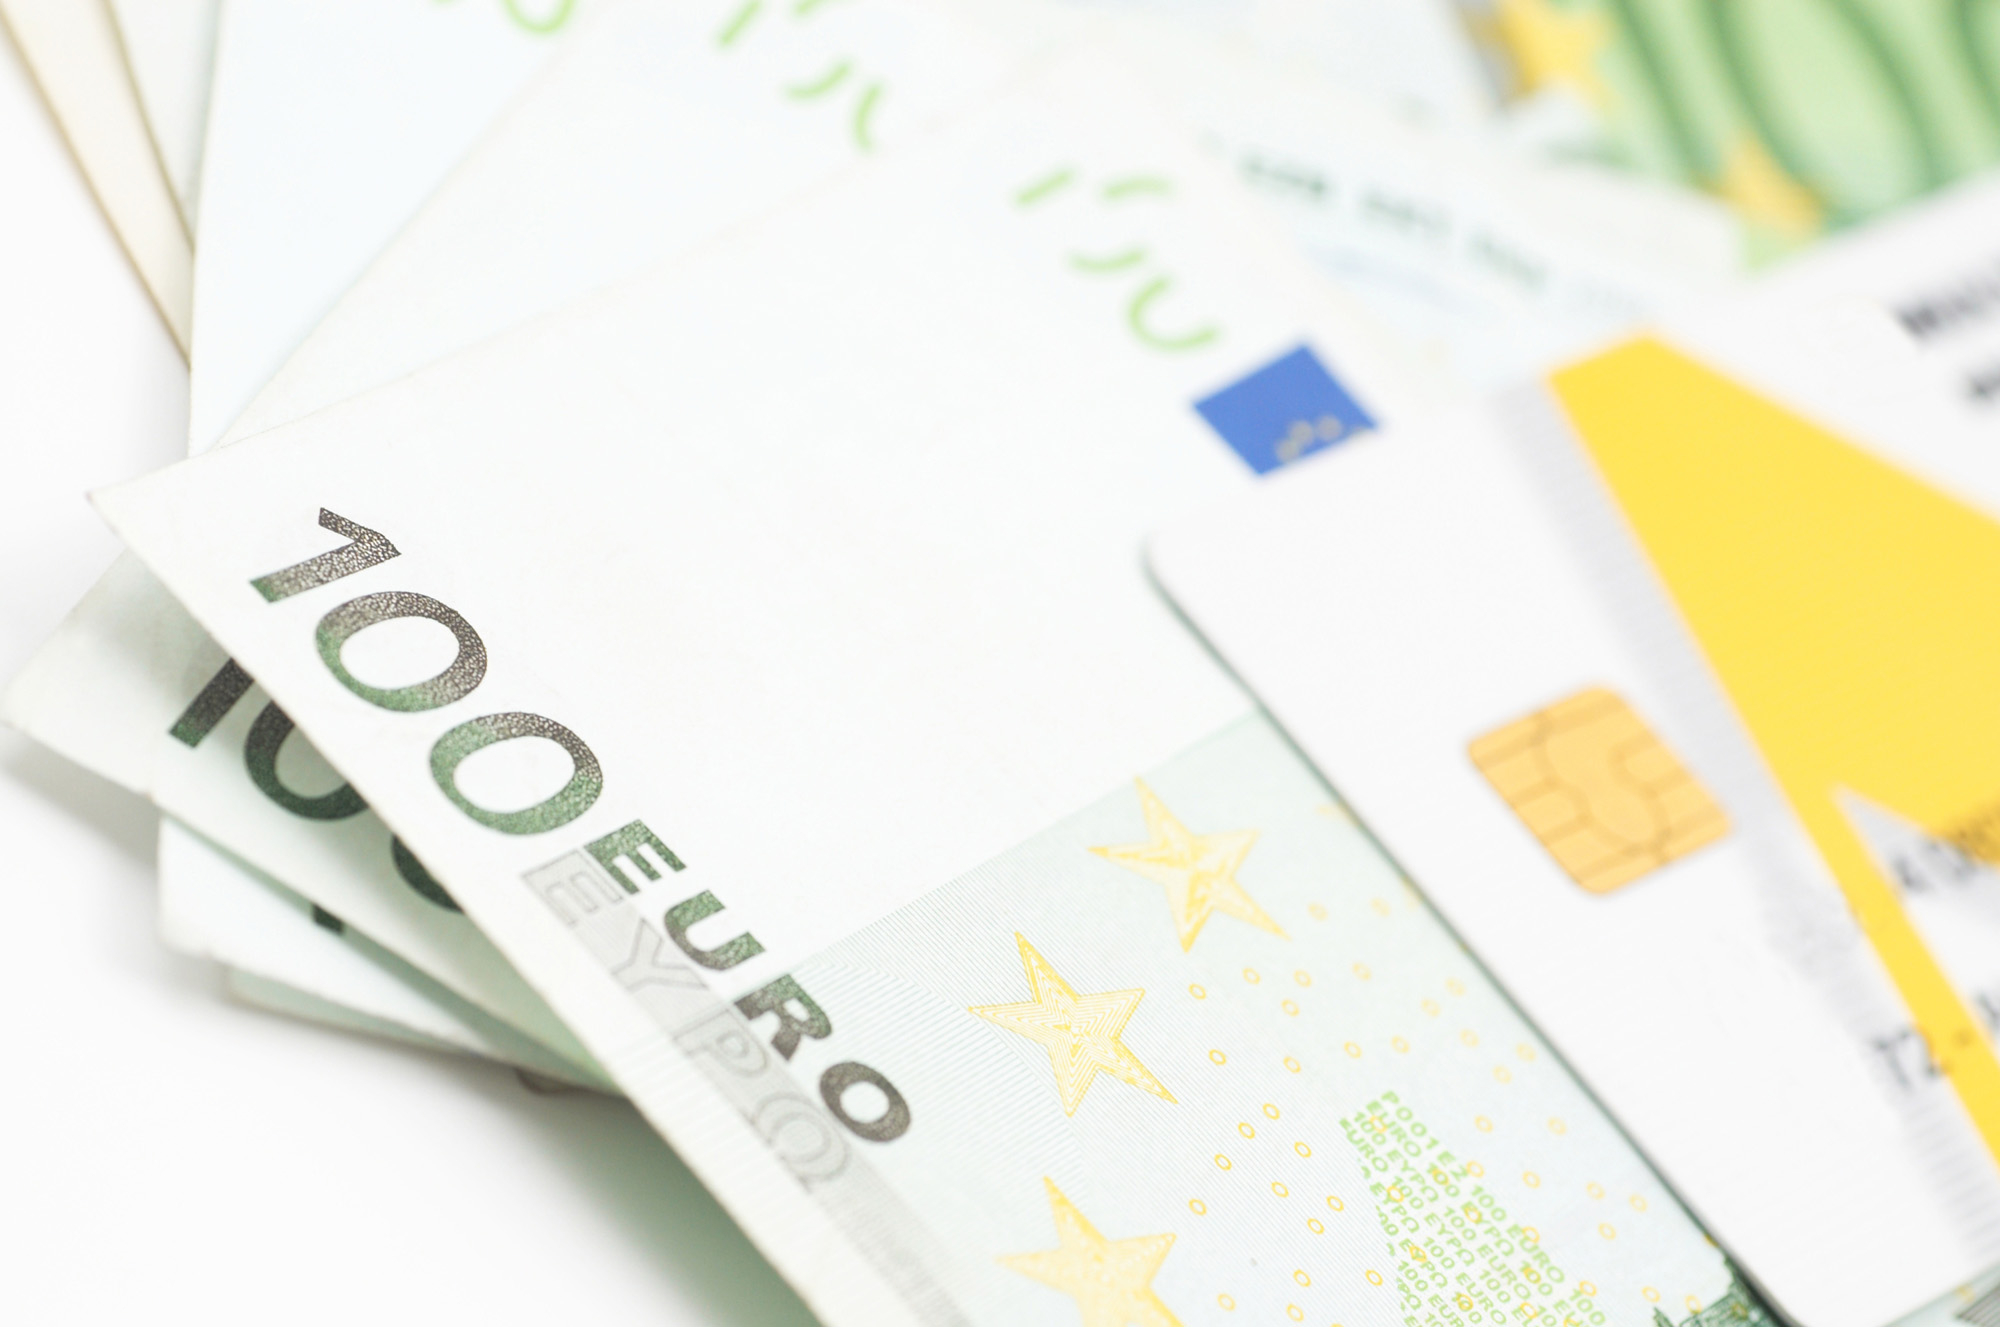 Choisissez un mode de paiement